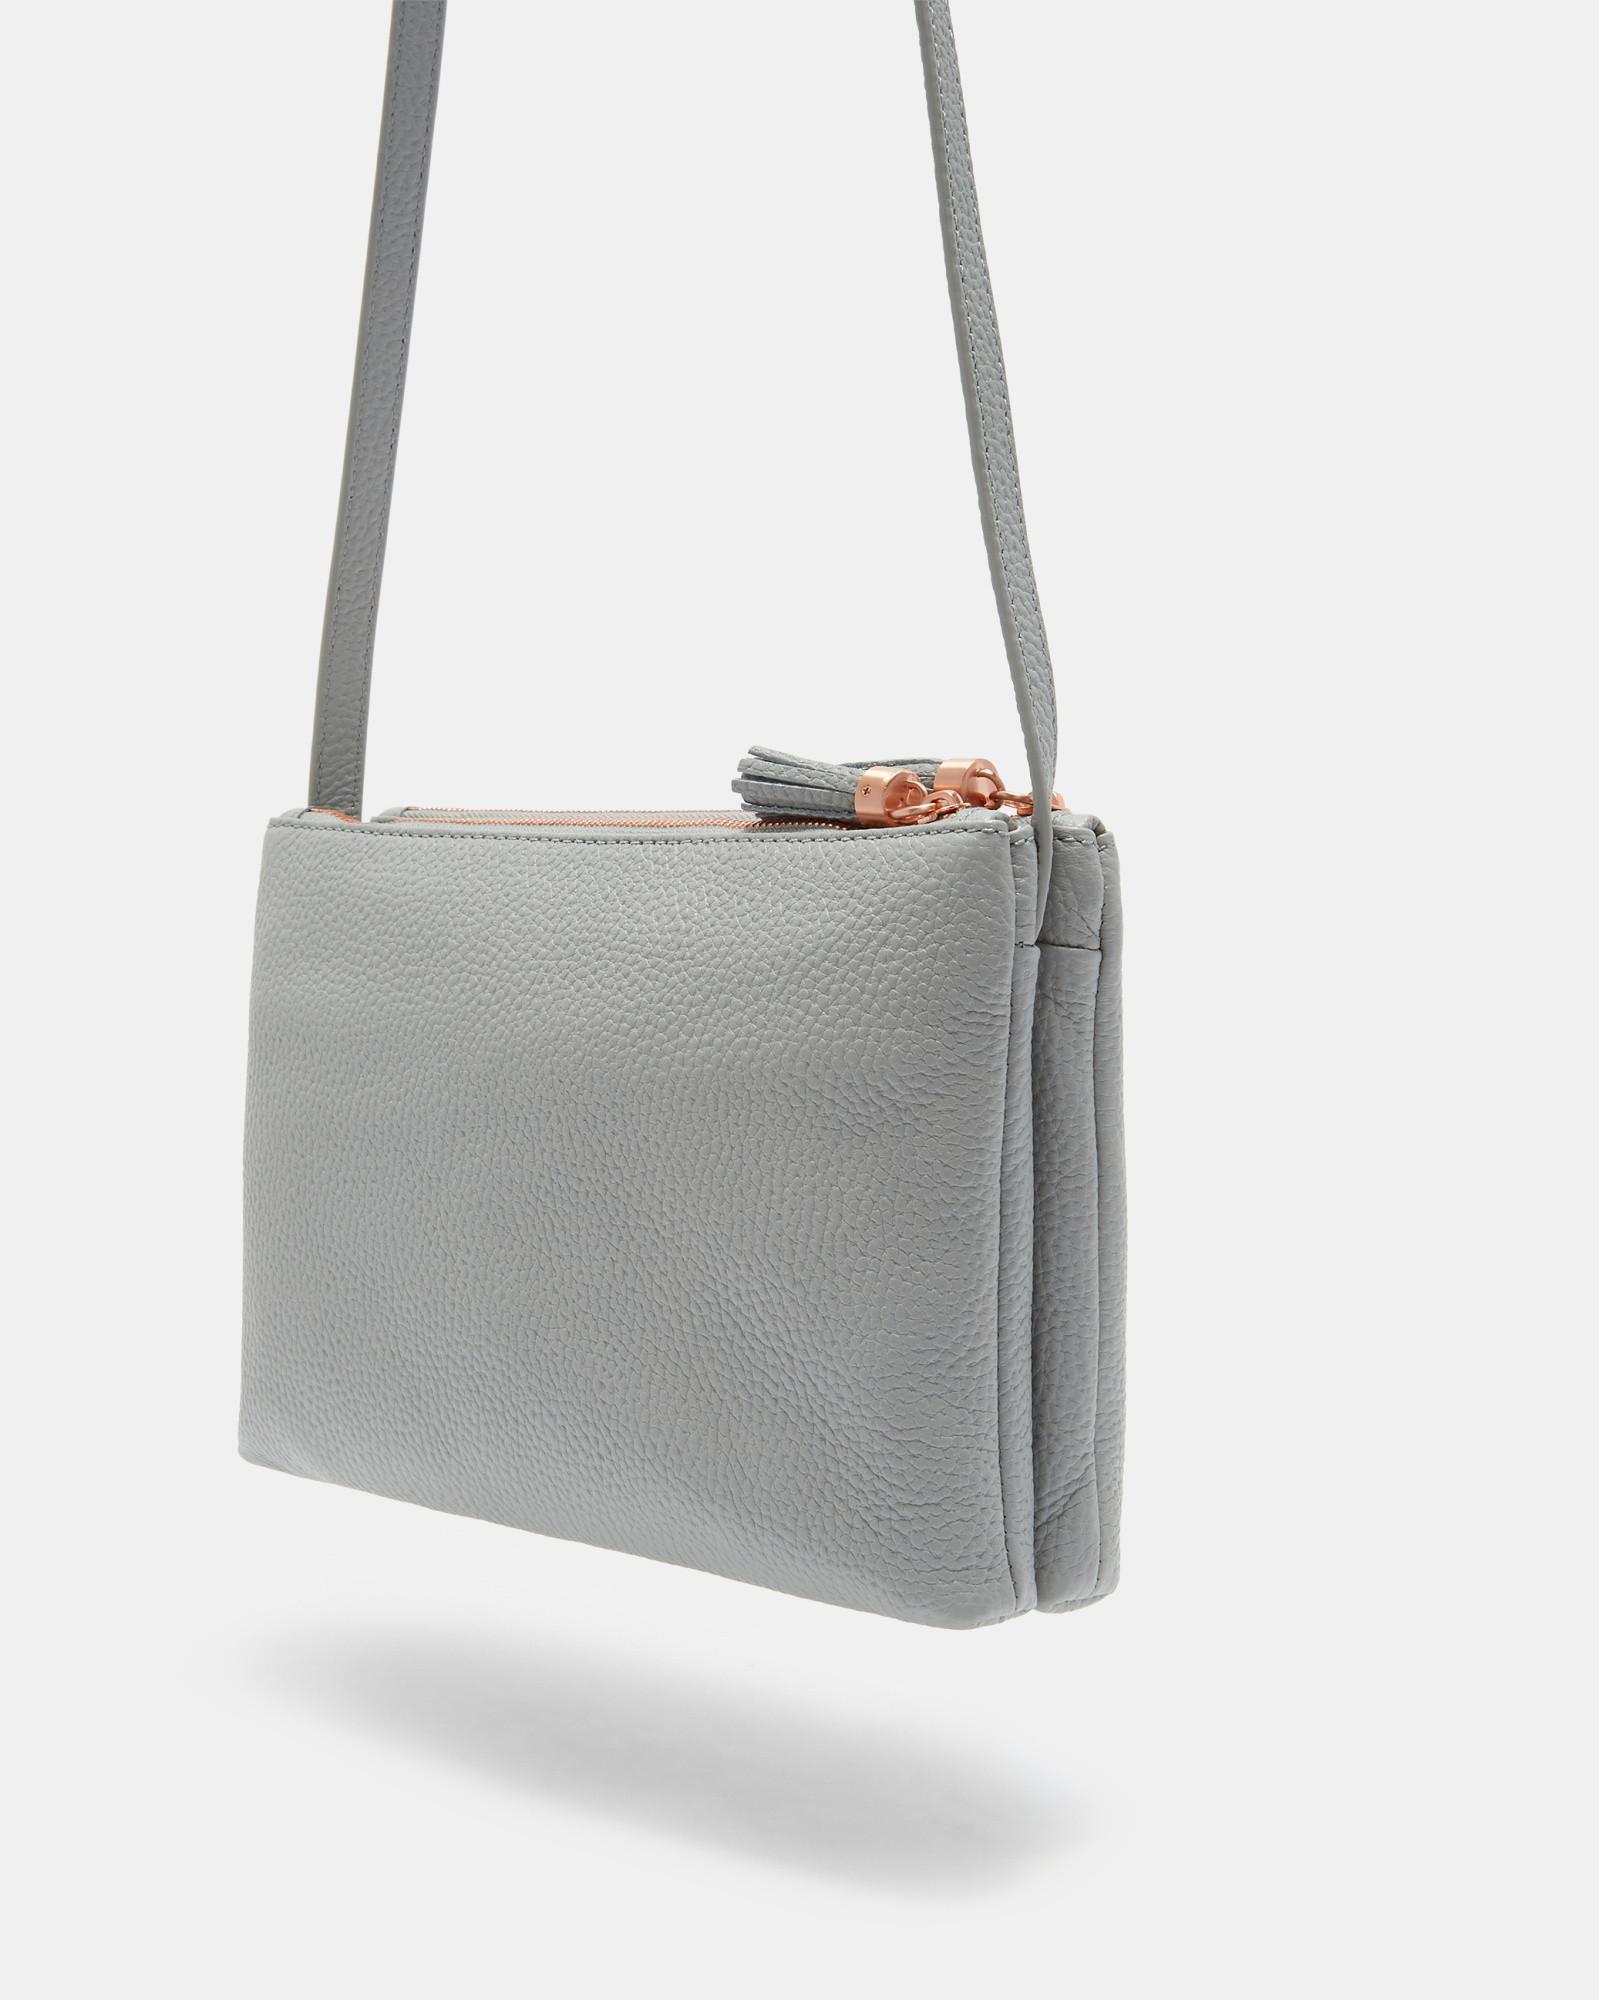 4a6d7b946 Ted Baker Tassel Leather Double Zip Cross Body Bag in Gray - Lyst